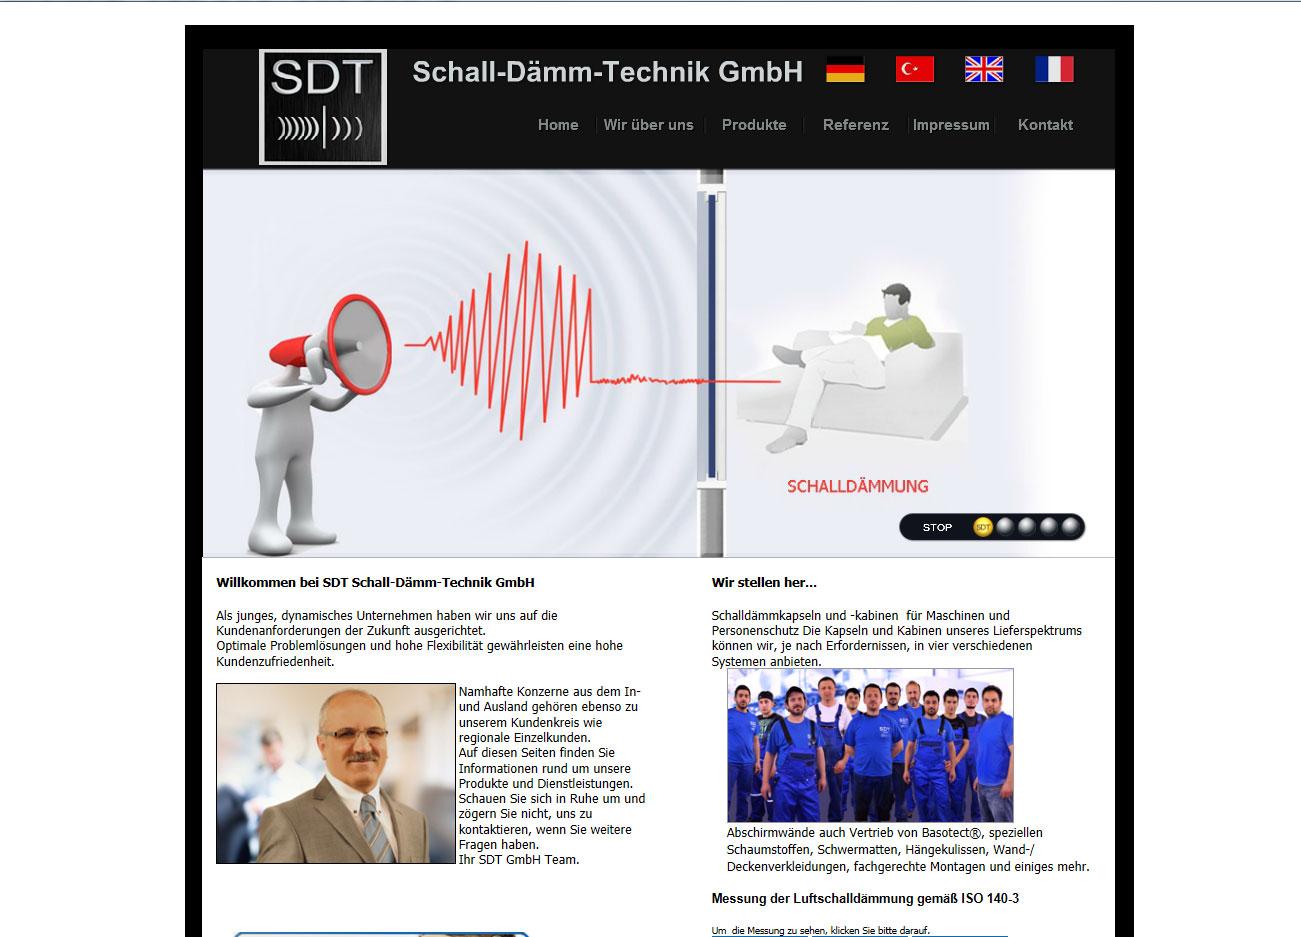 SDT Schalldämmtechnik GmbH